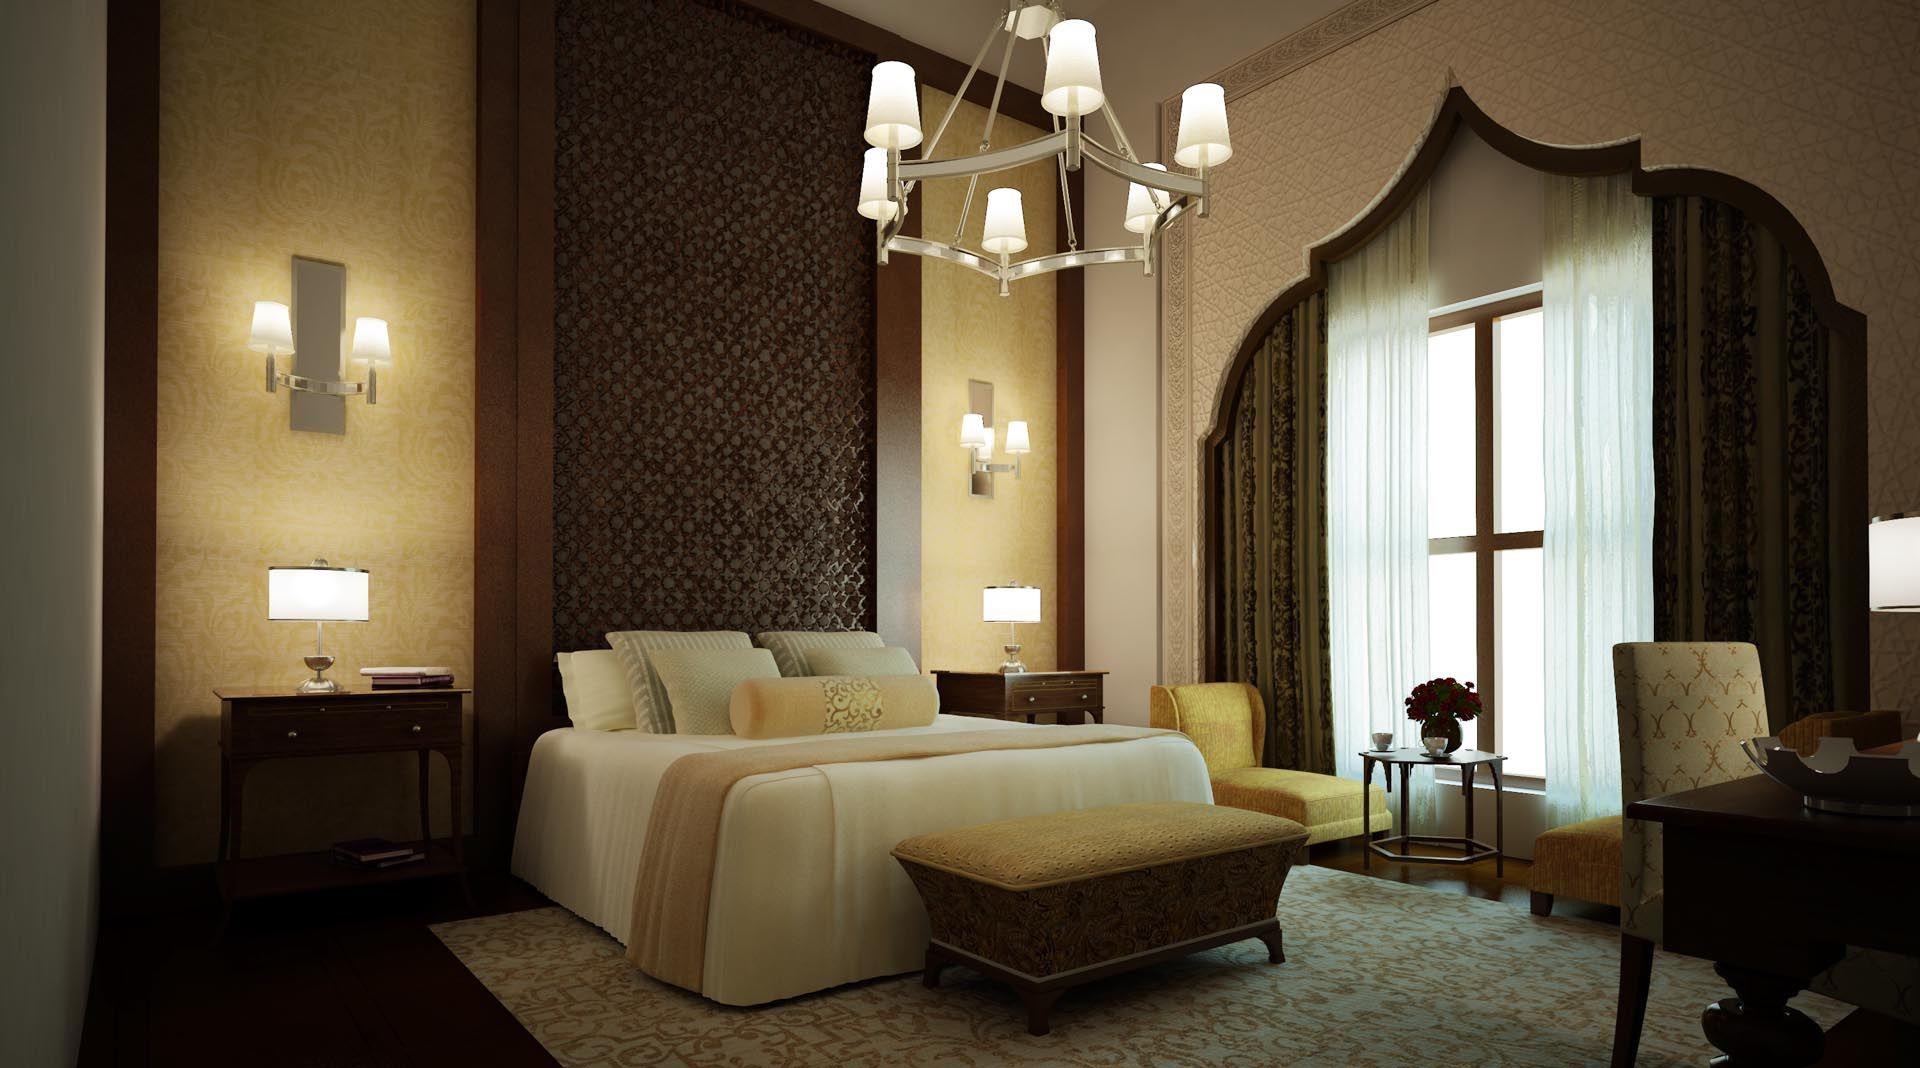 mimar interiors bedroom d coration int rieure. Black Bedroom Furniture Sets. Home Design Ideas